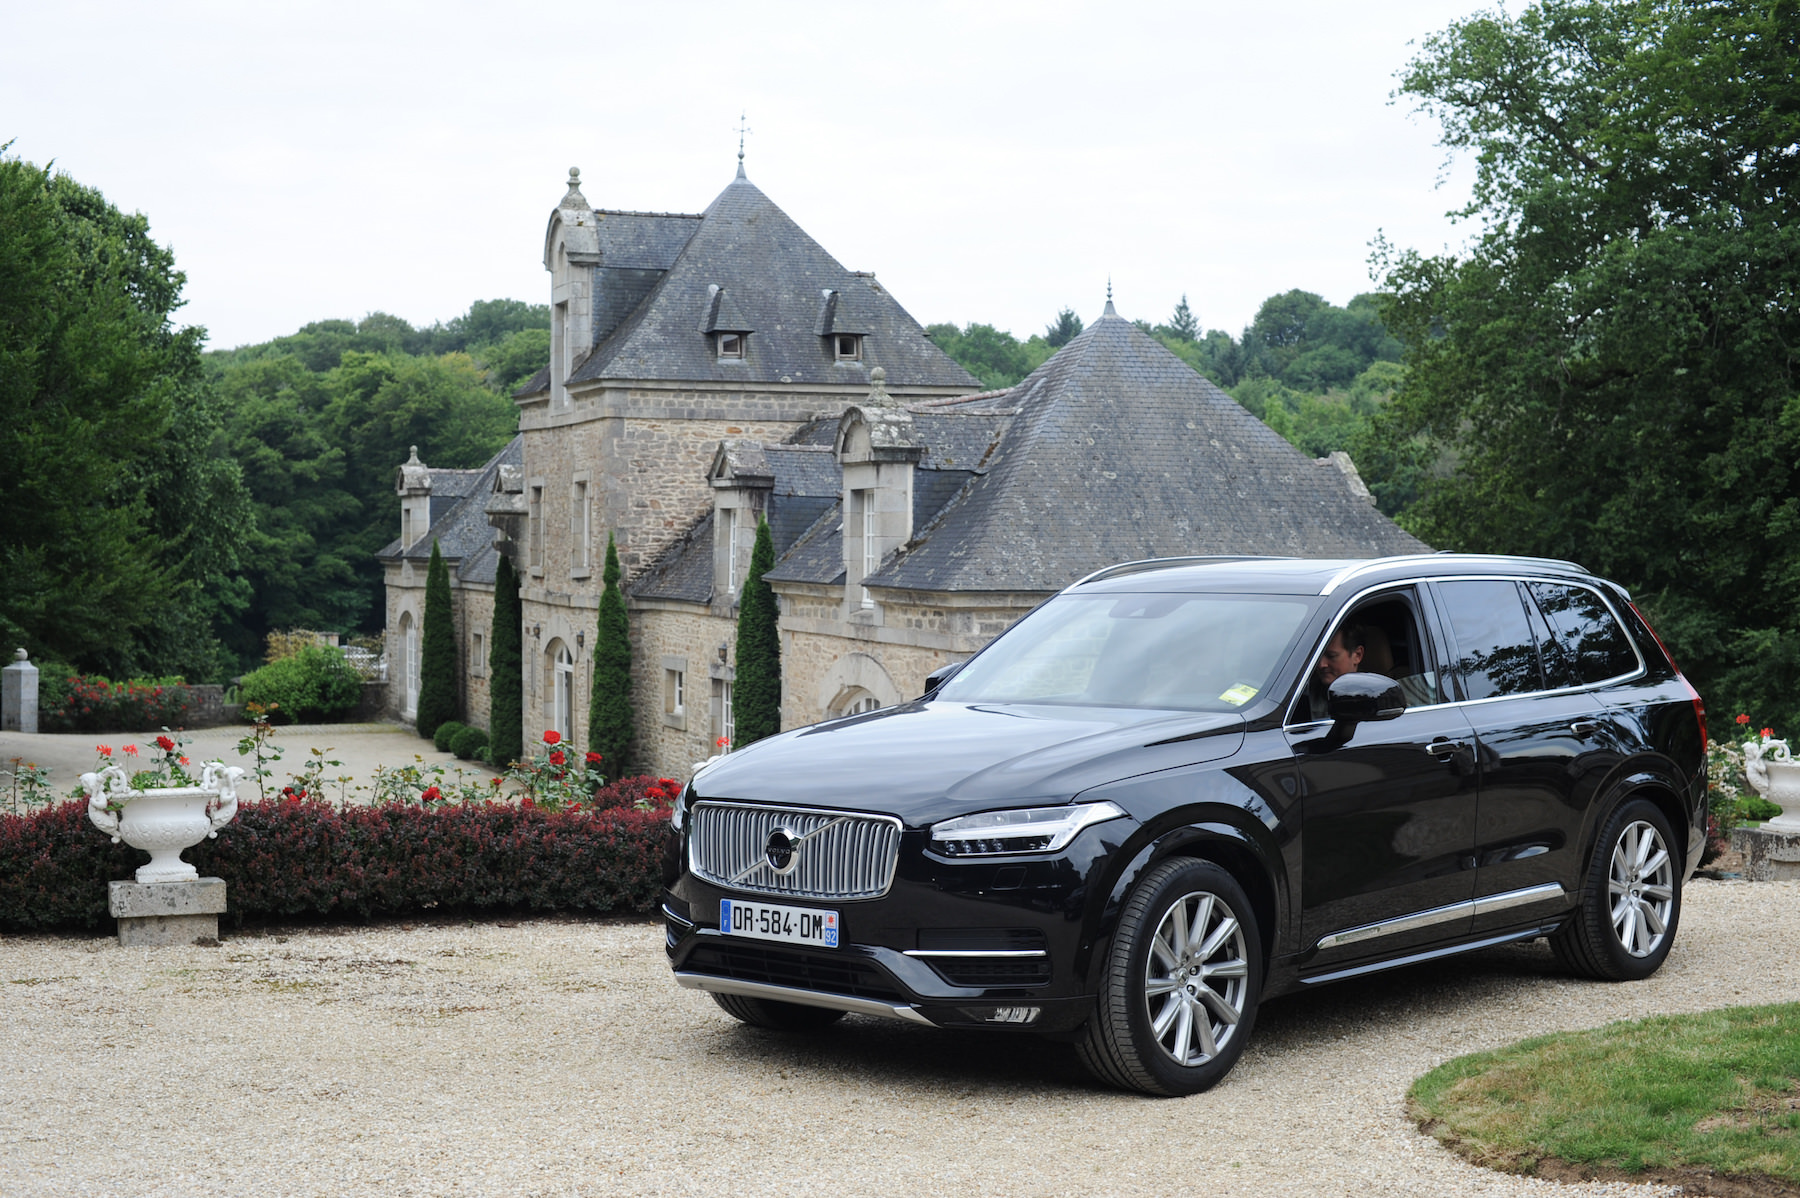 Nouveau volvo XC 90 2015 exterieur chateau